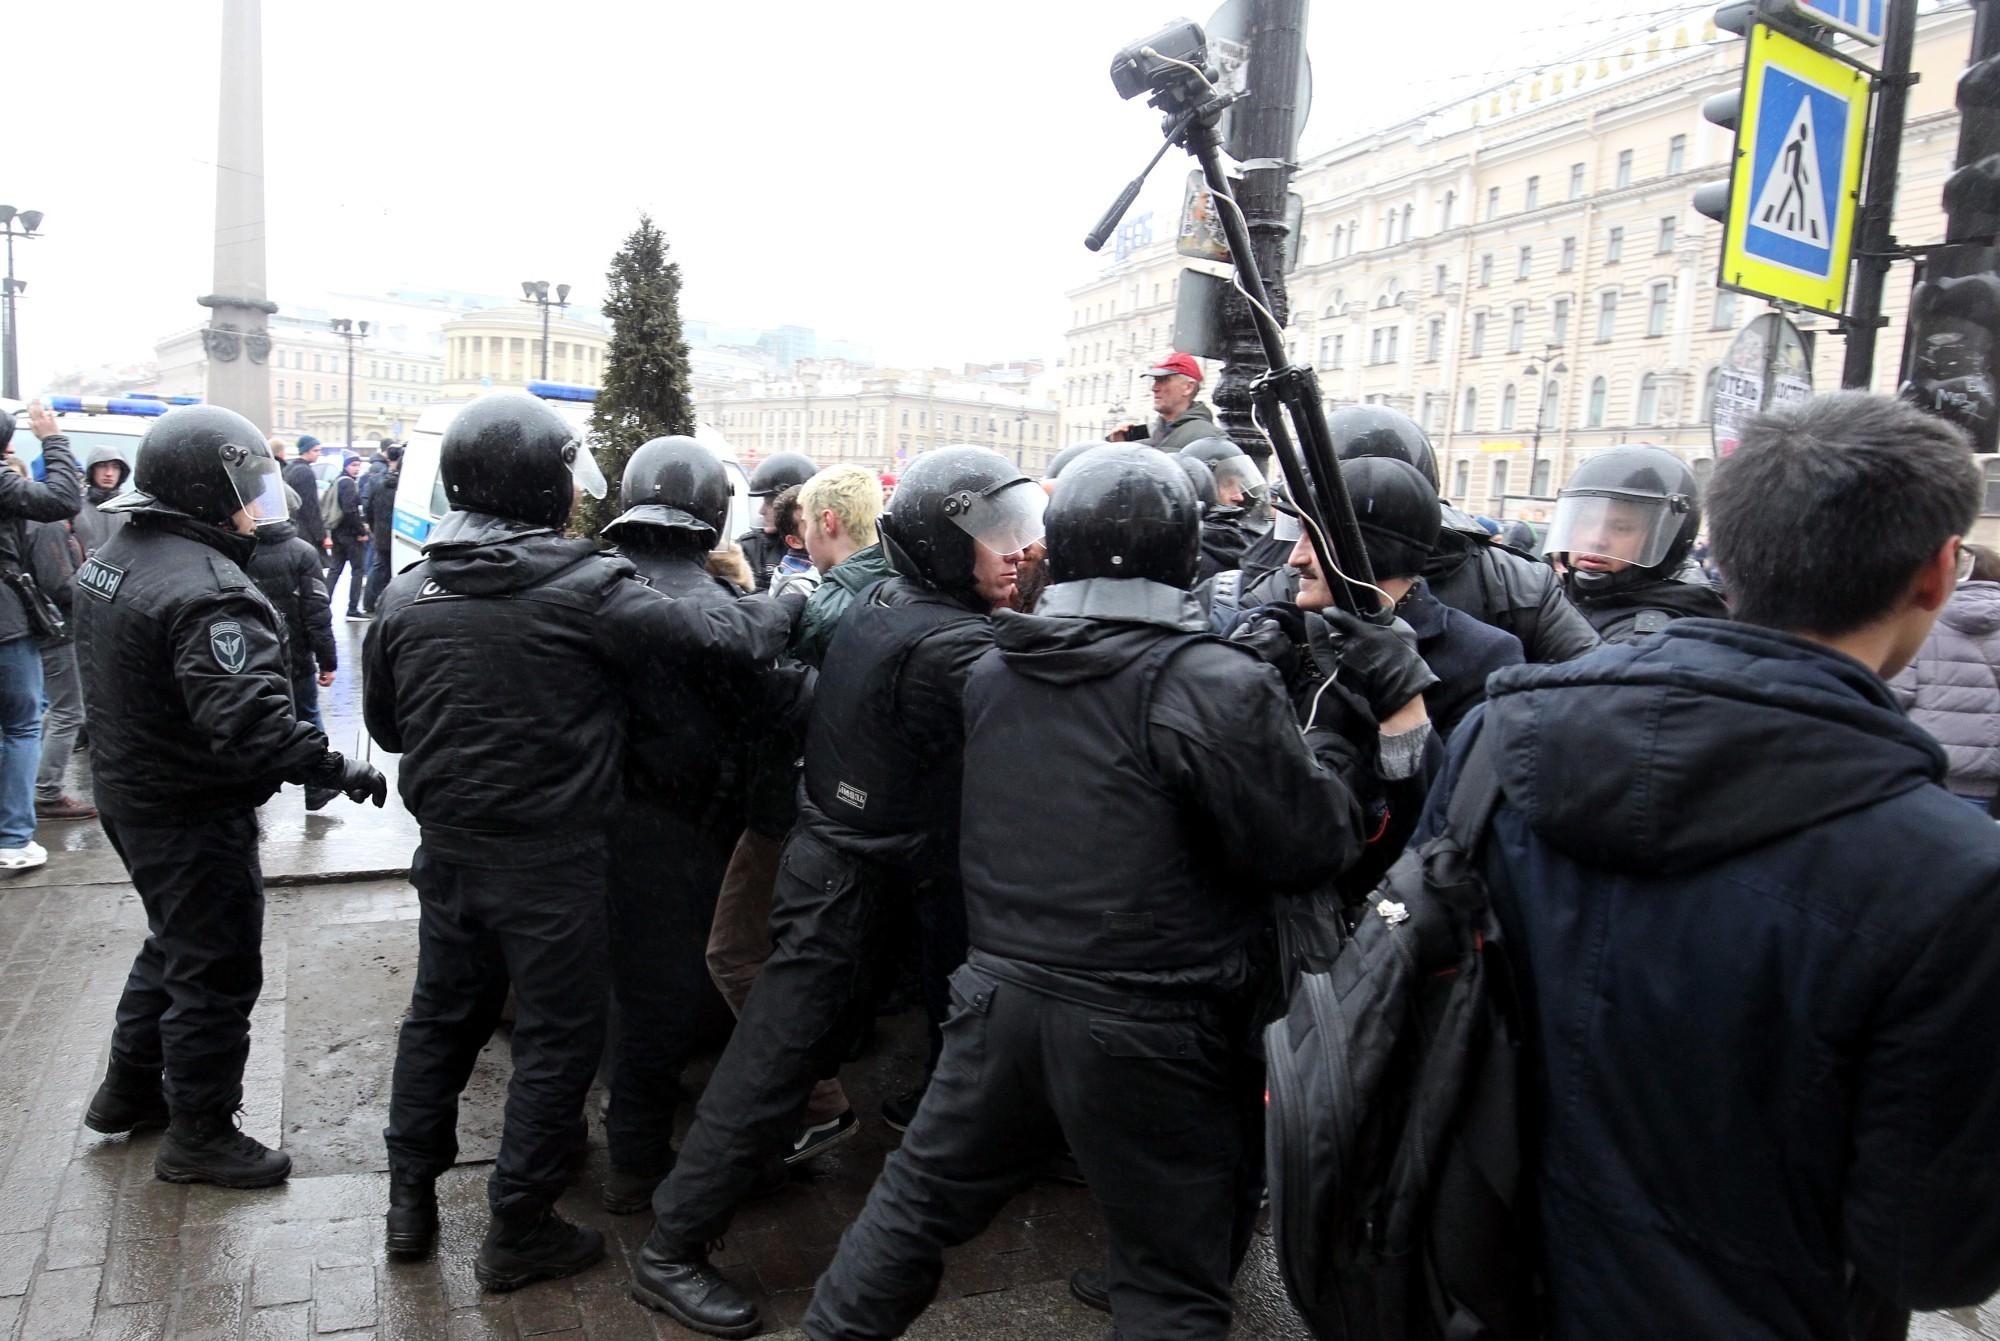 оппозиция митинг марш шествие невский проспект задержание полиция омон онвамнедимон